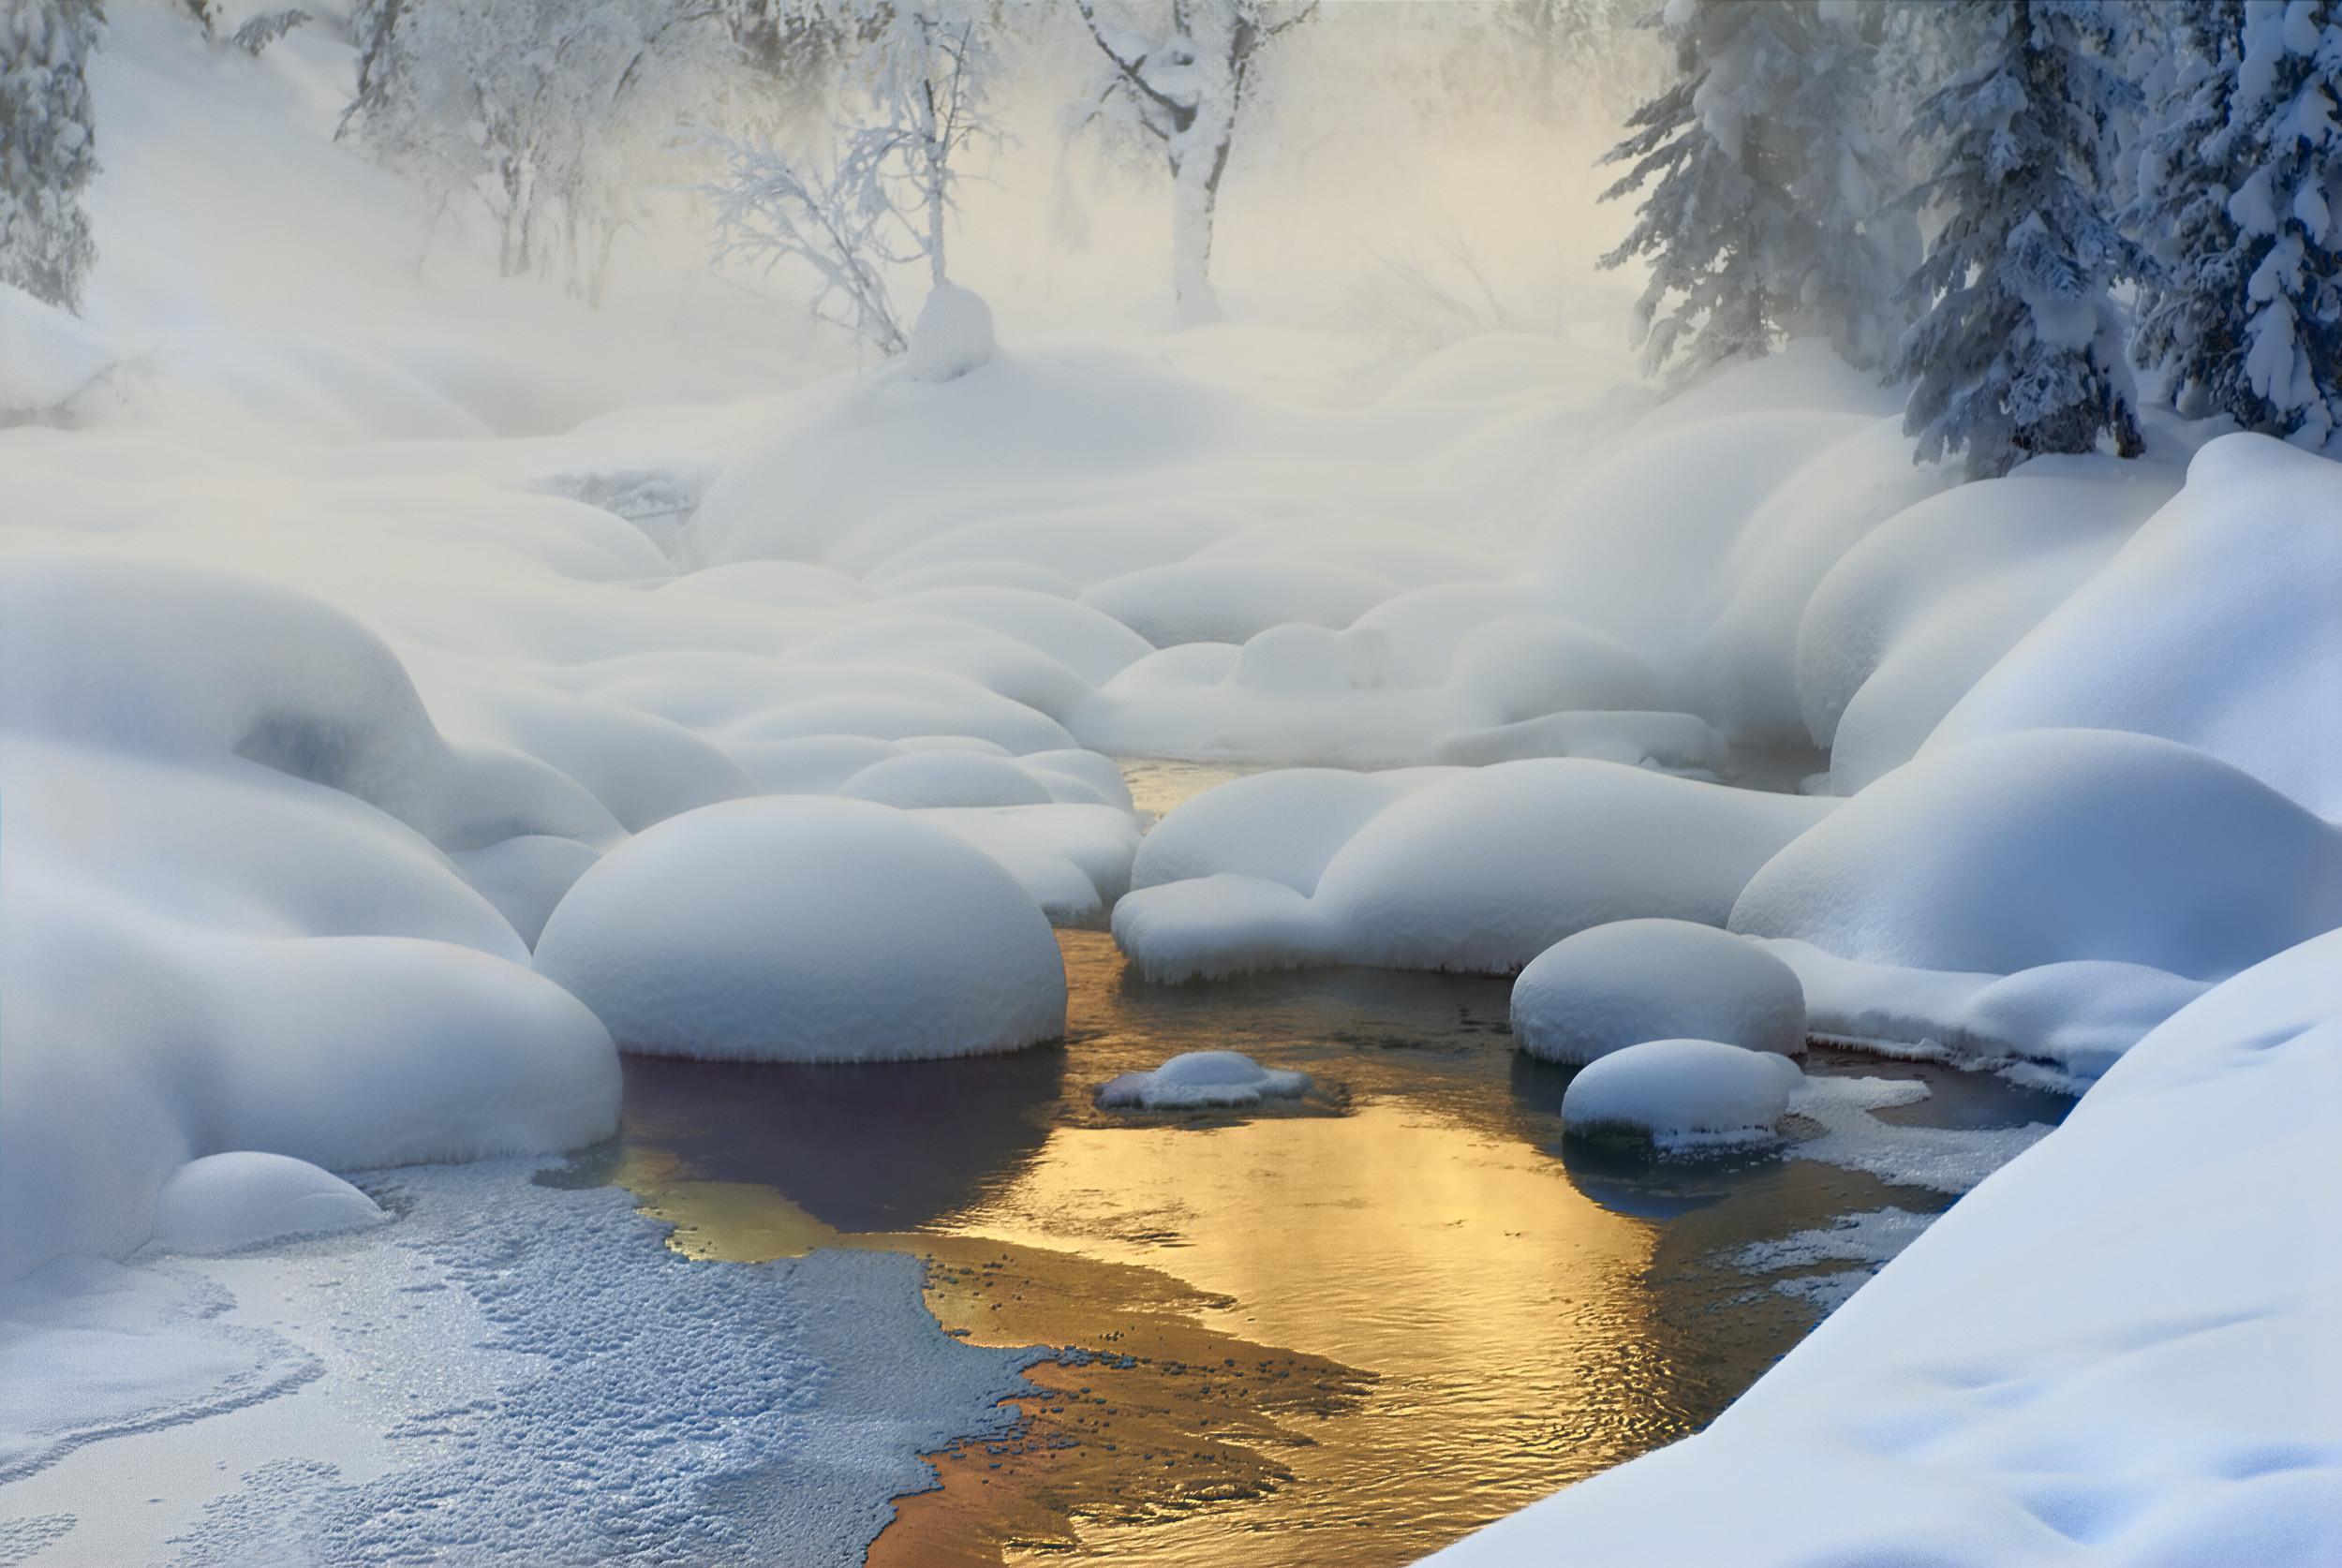 Зимний пейзаж фотографии зимы 5